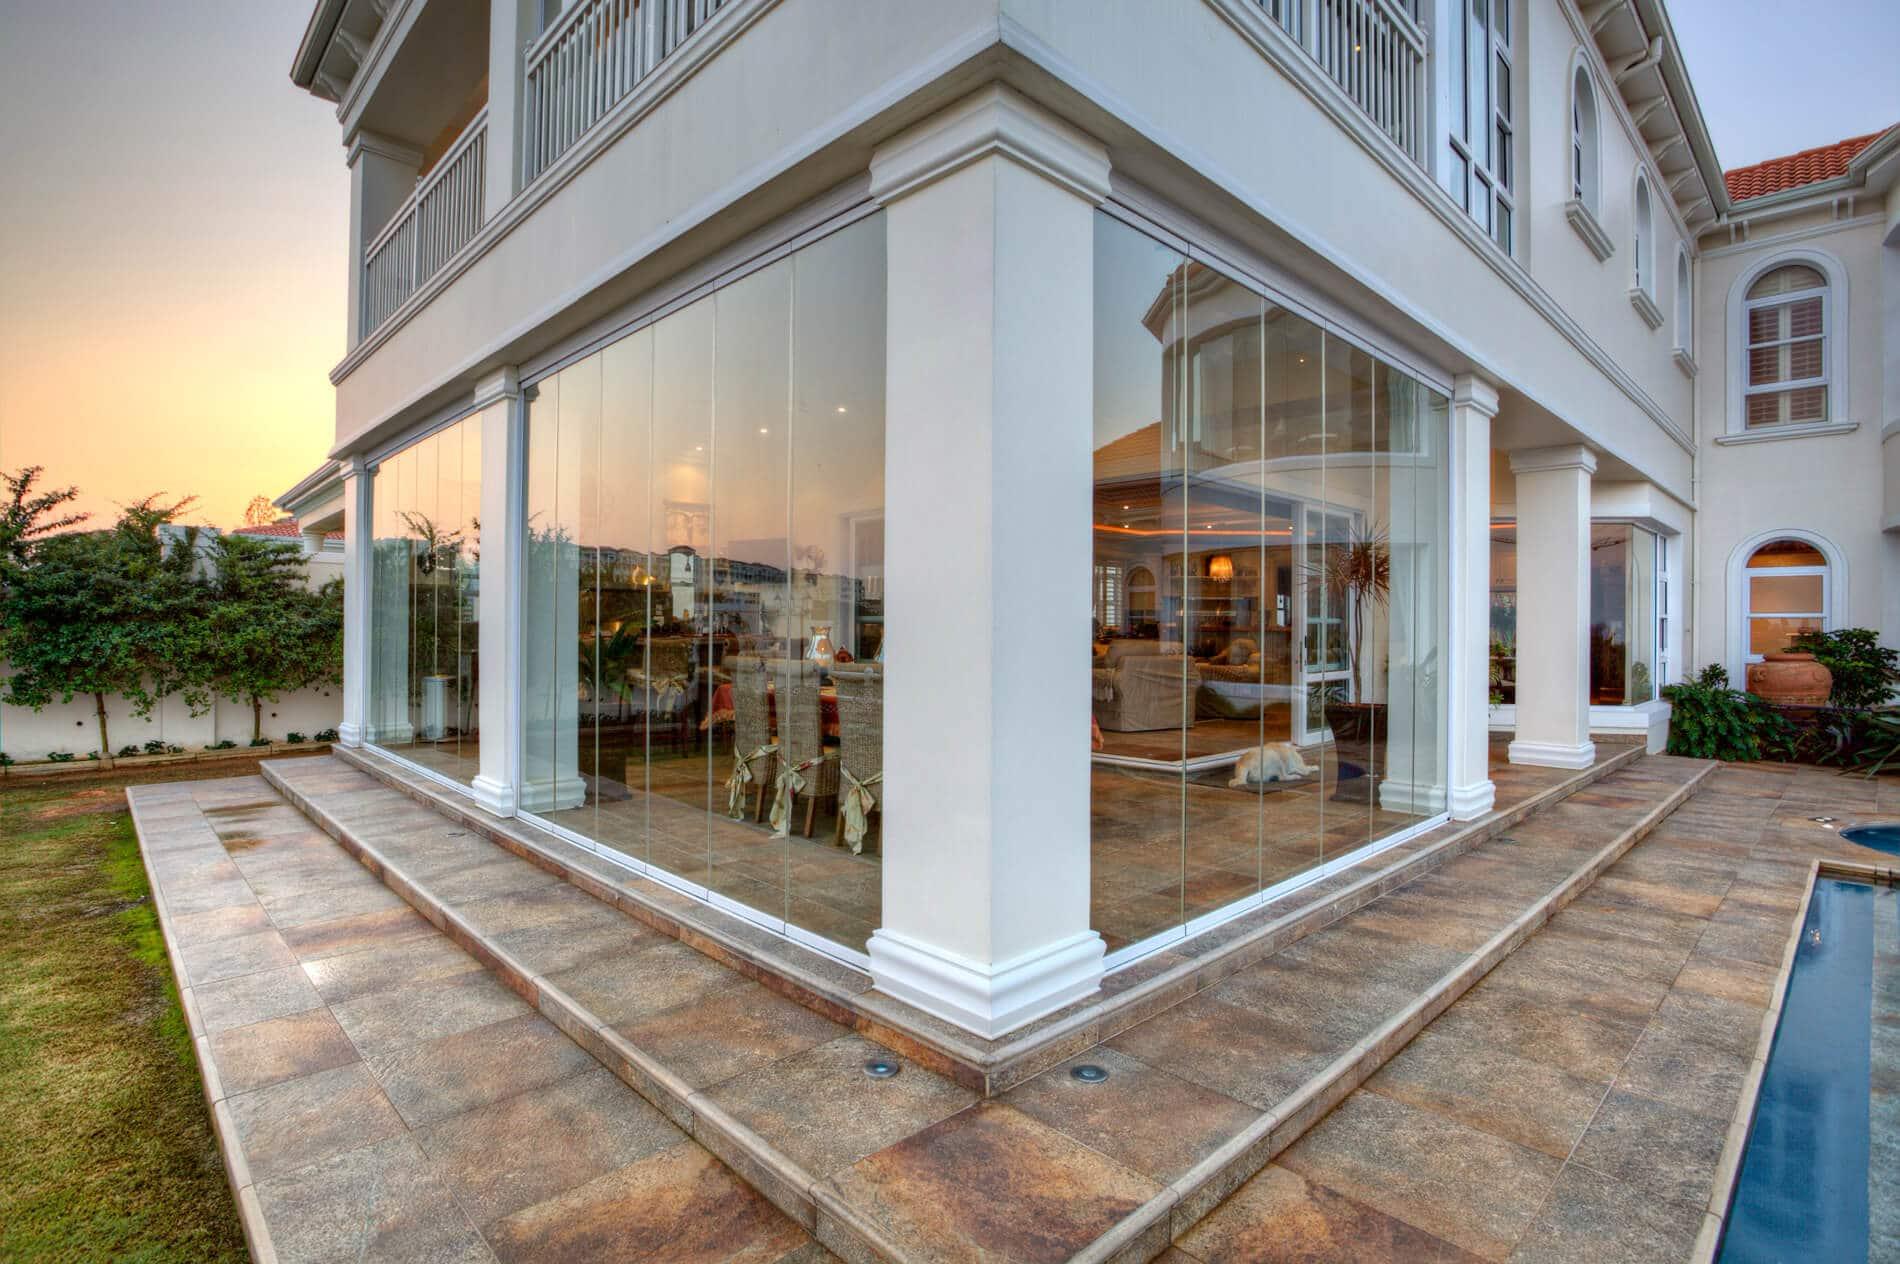 Verglasungen für Terrassen